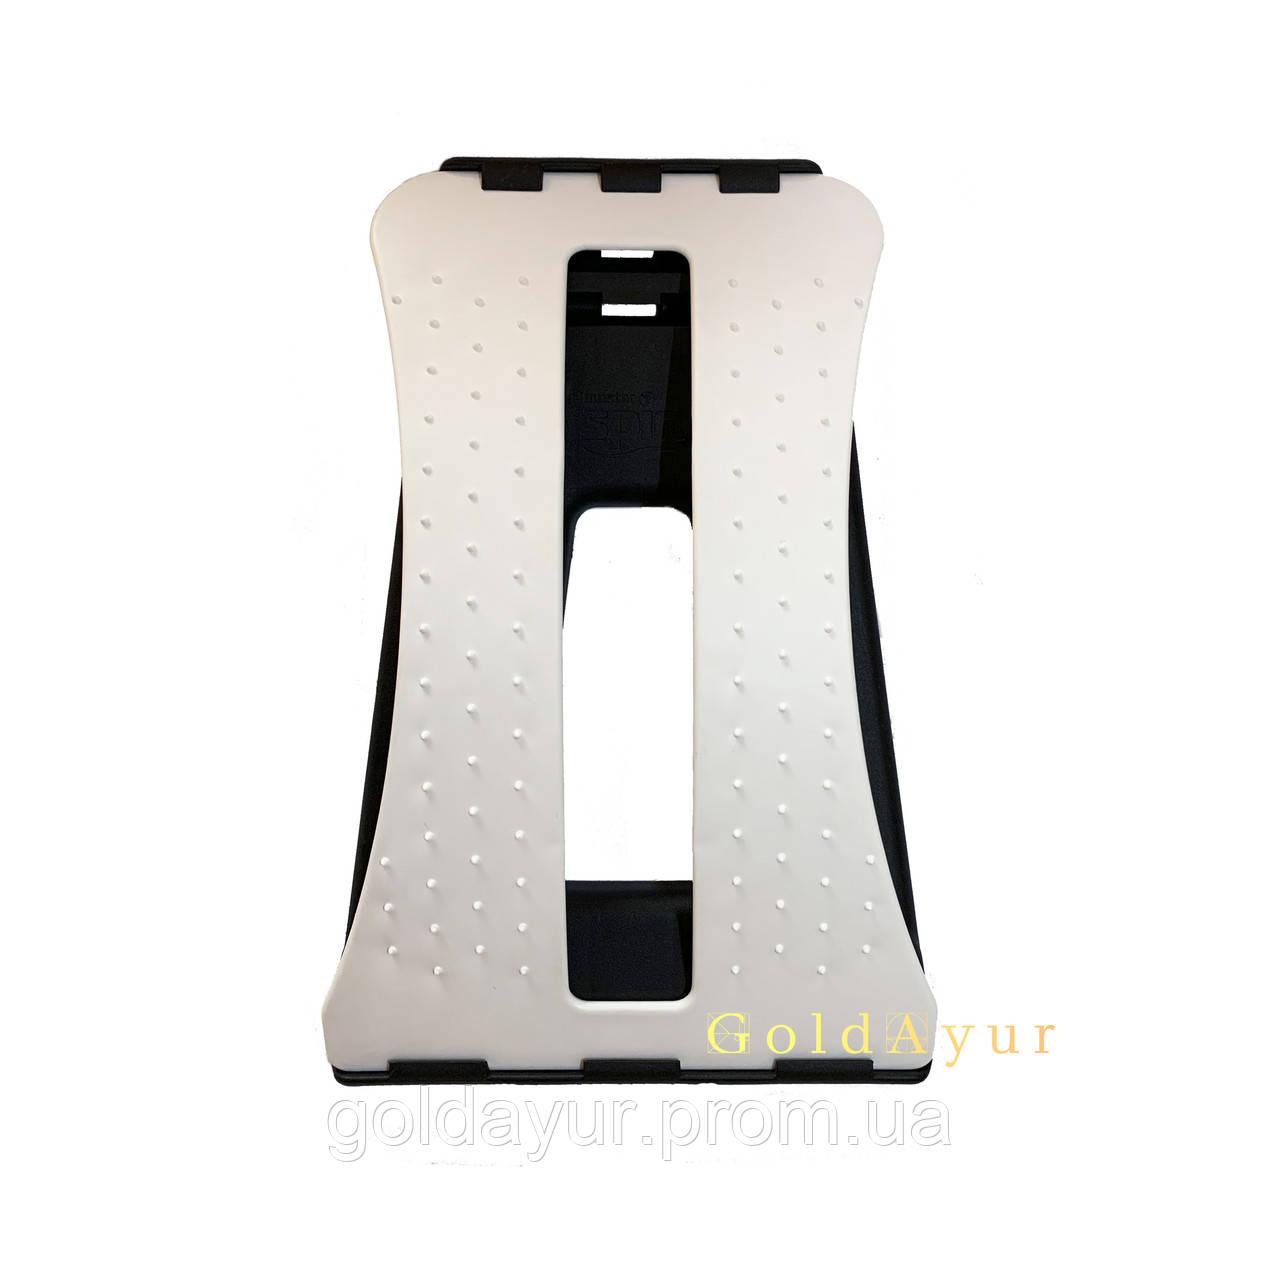 Spin массажер для спины аппарат вакуумный упаковочный